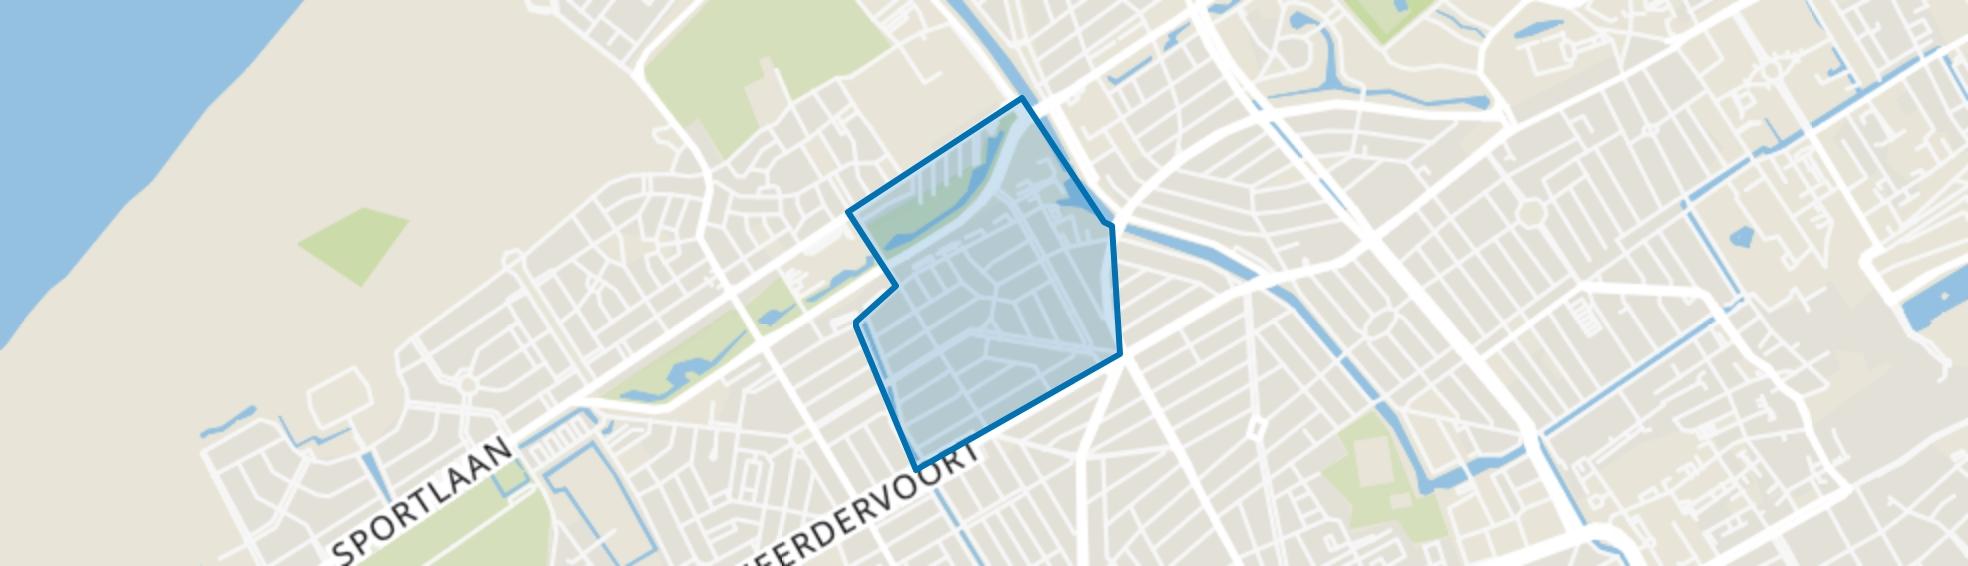 Bomenbuurt, Den Haag map